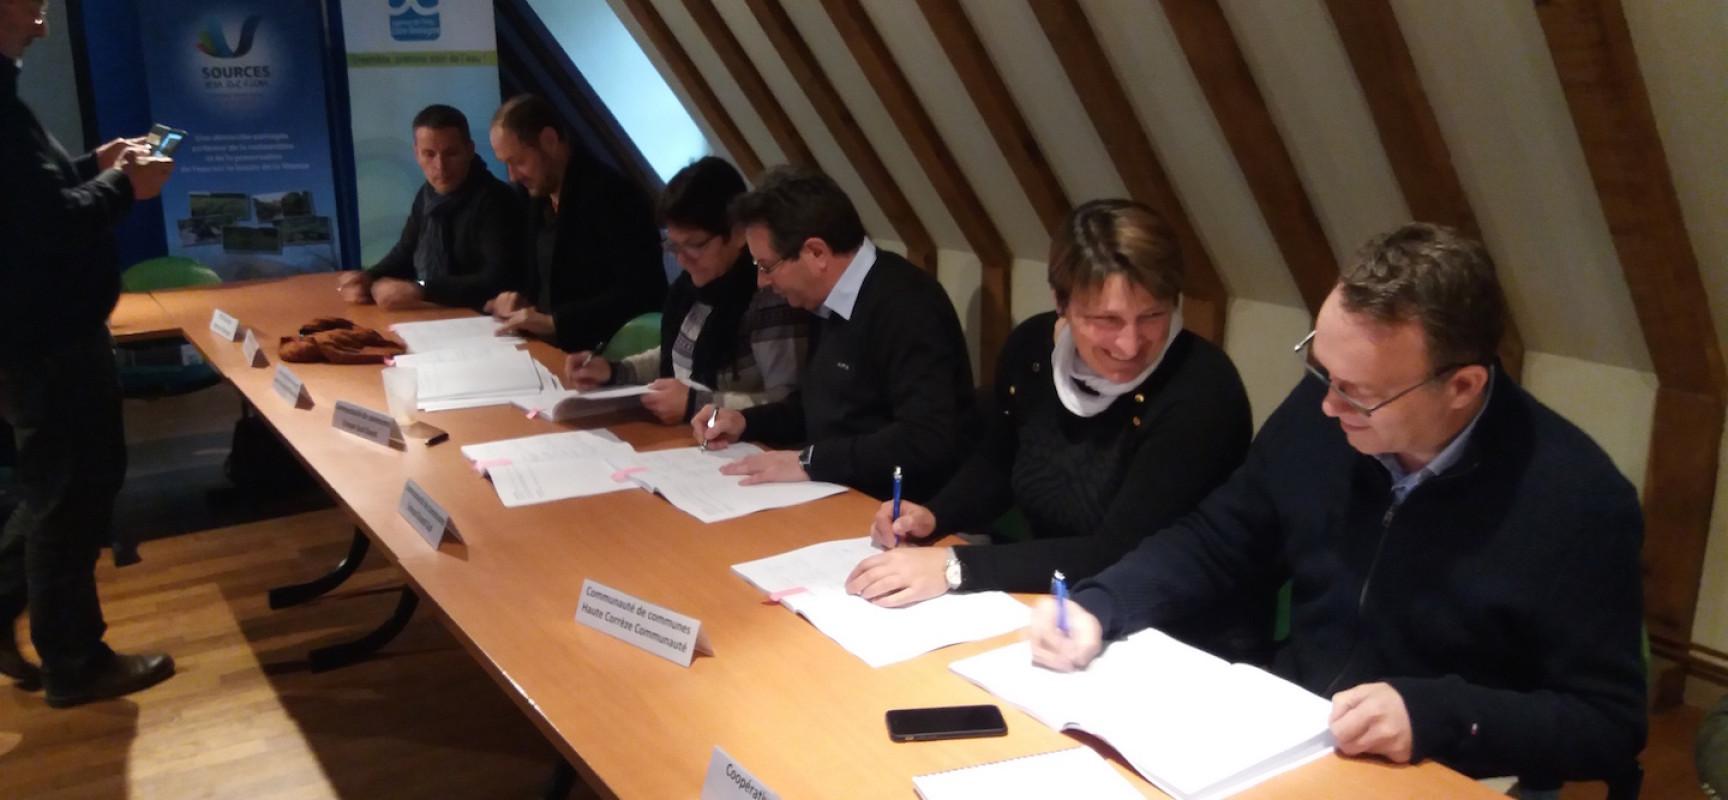 Signature du Contrat «Sources en Action», un nouvel engagement pour notre ressource en eau